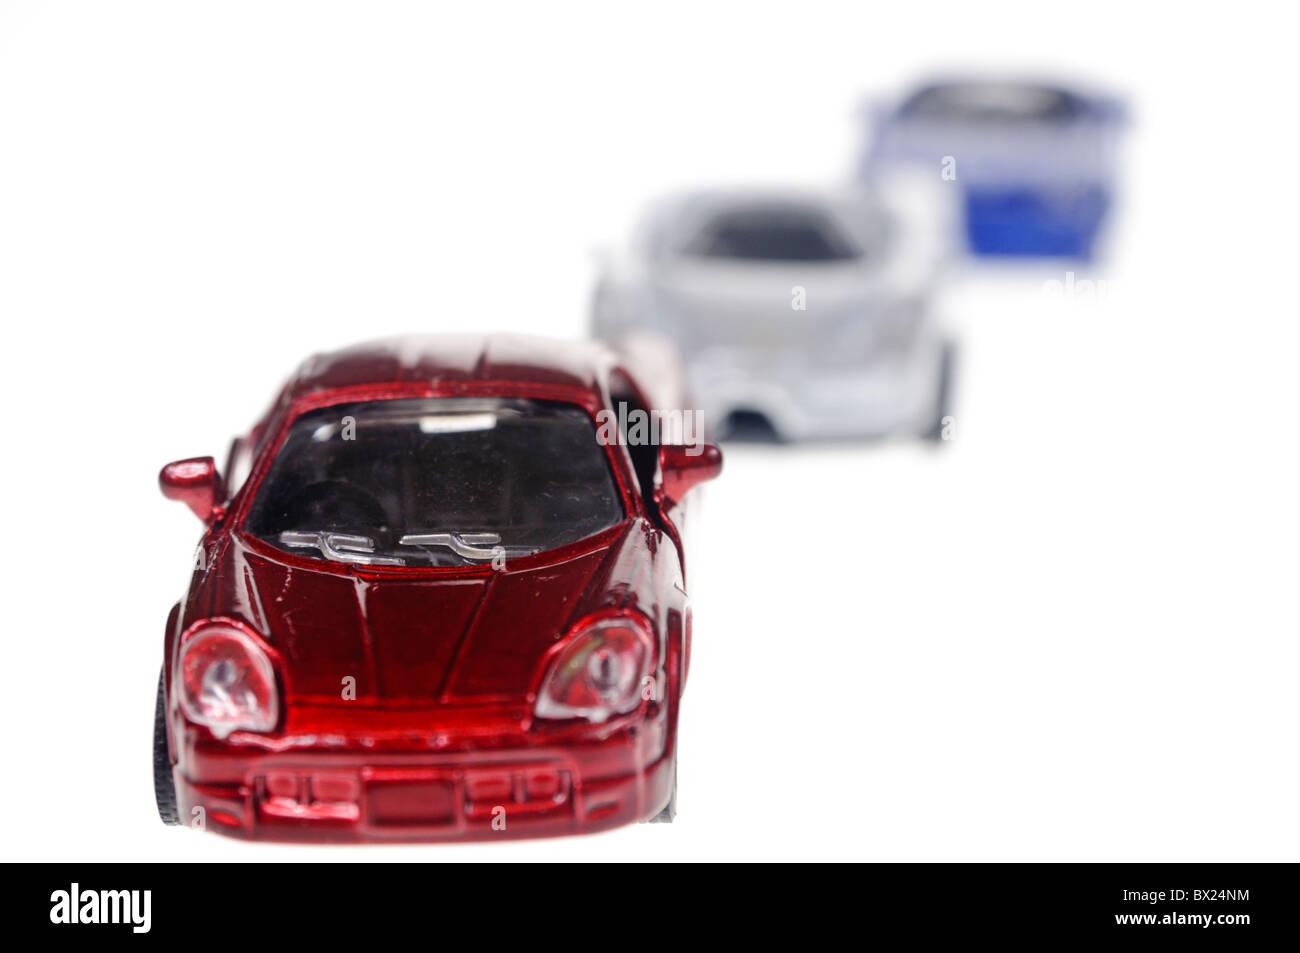 Rot, weiß und blau Spielzeugautos in einer Linie Stockbild